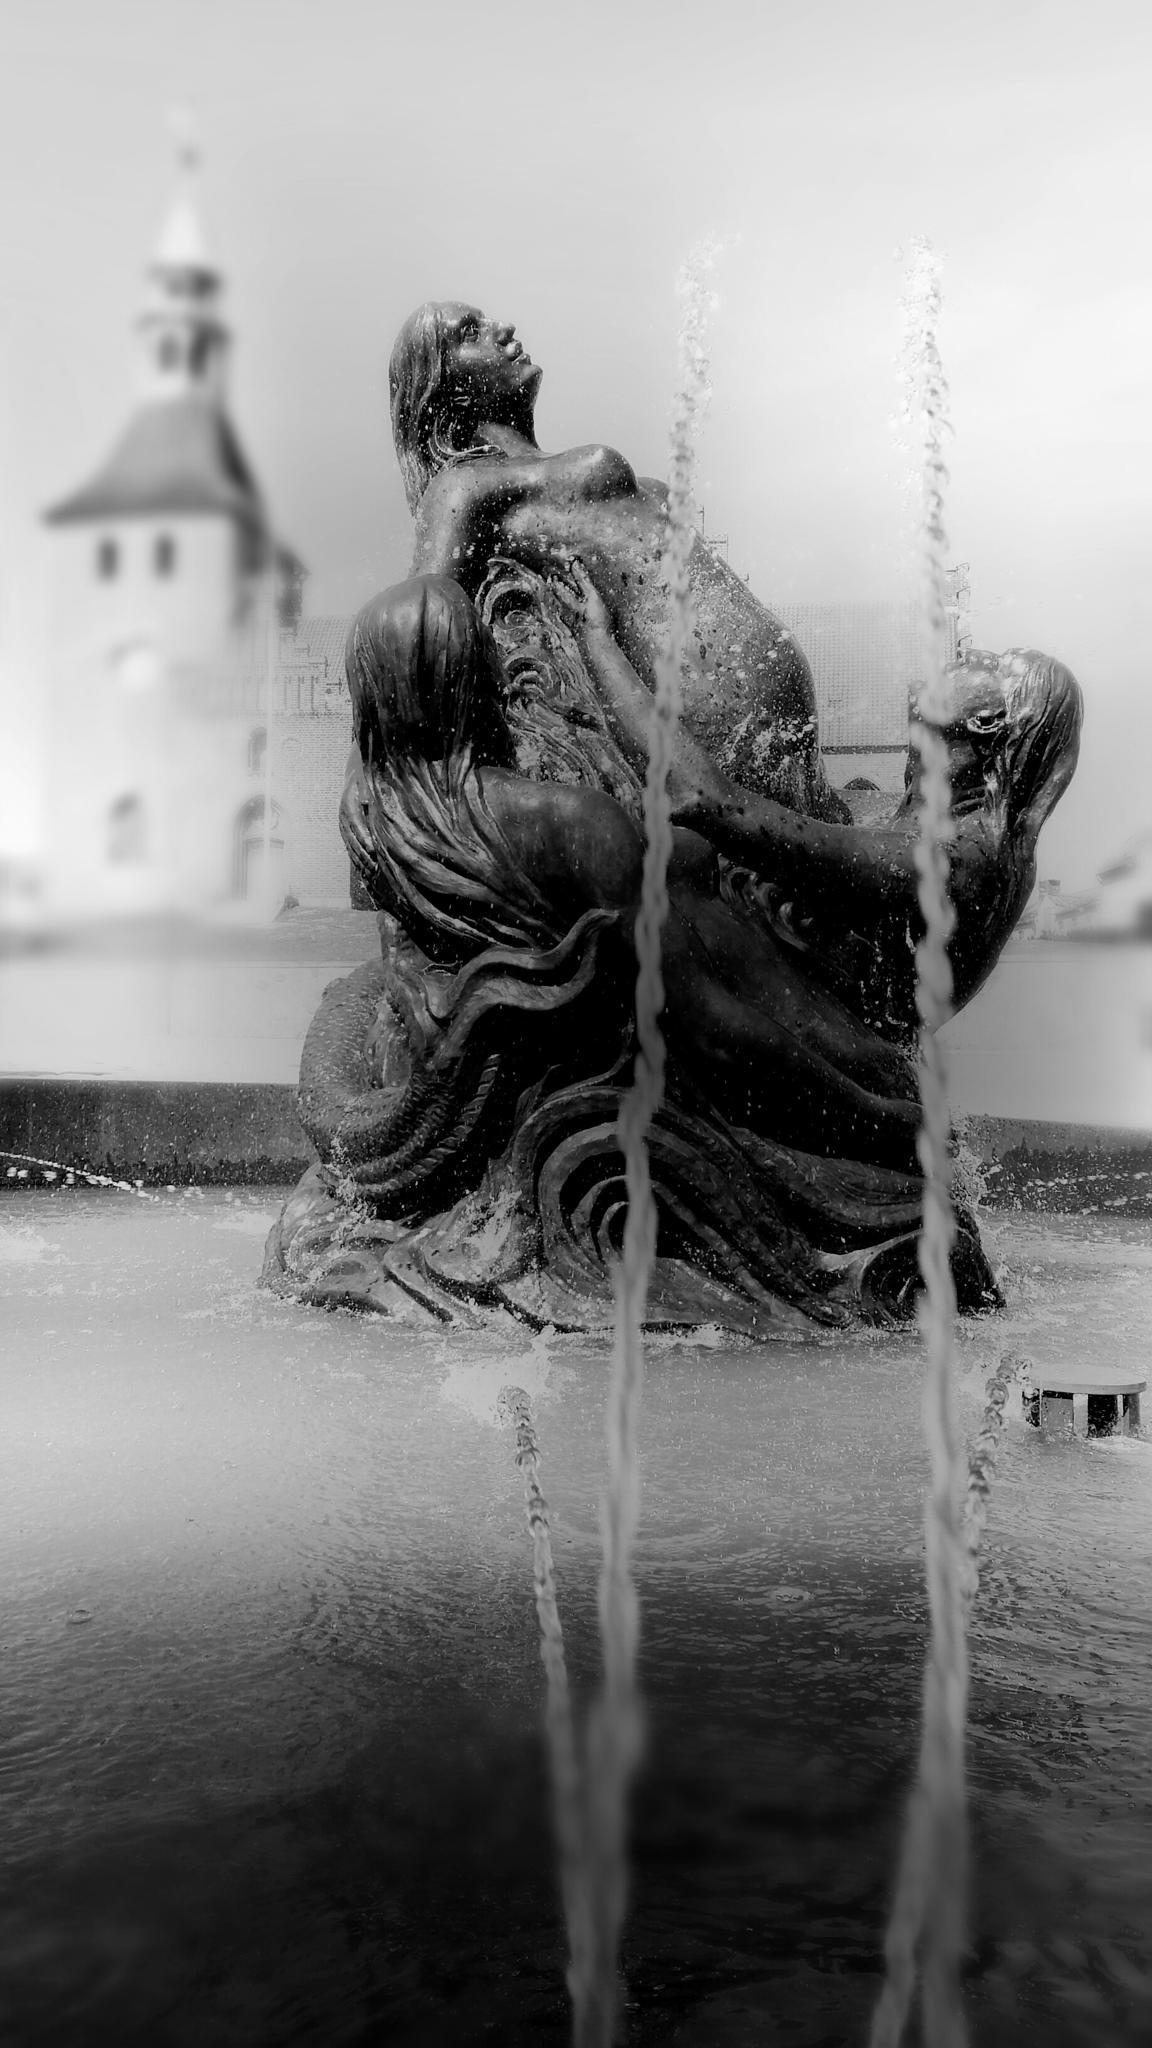 Untitled by MichaelPedersen